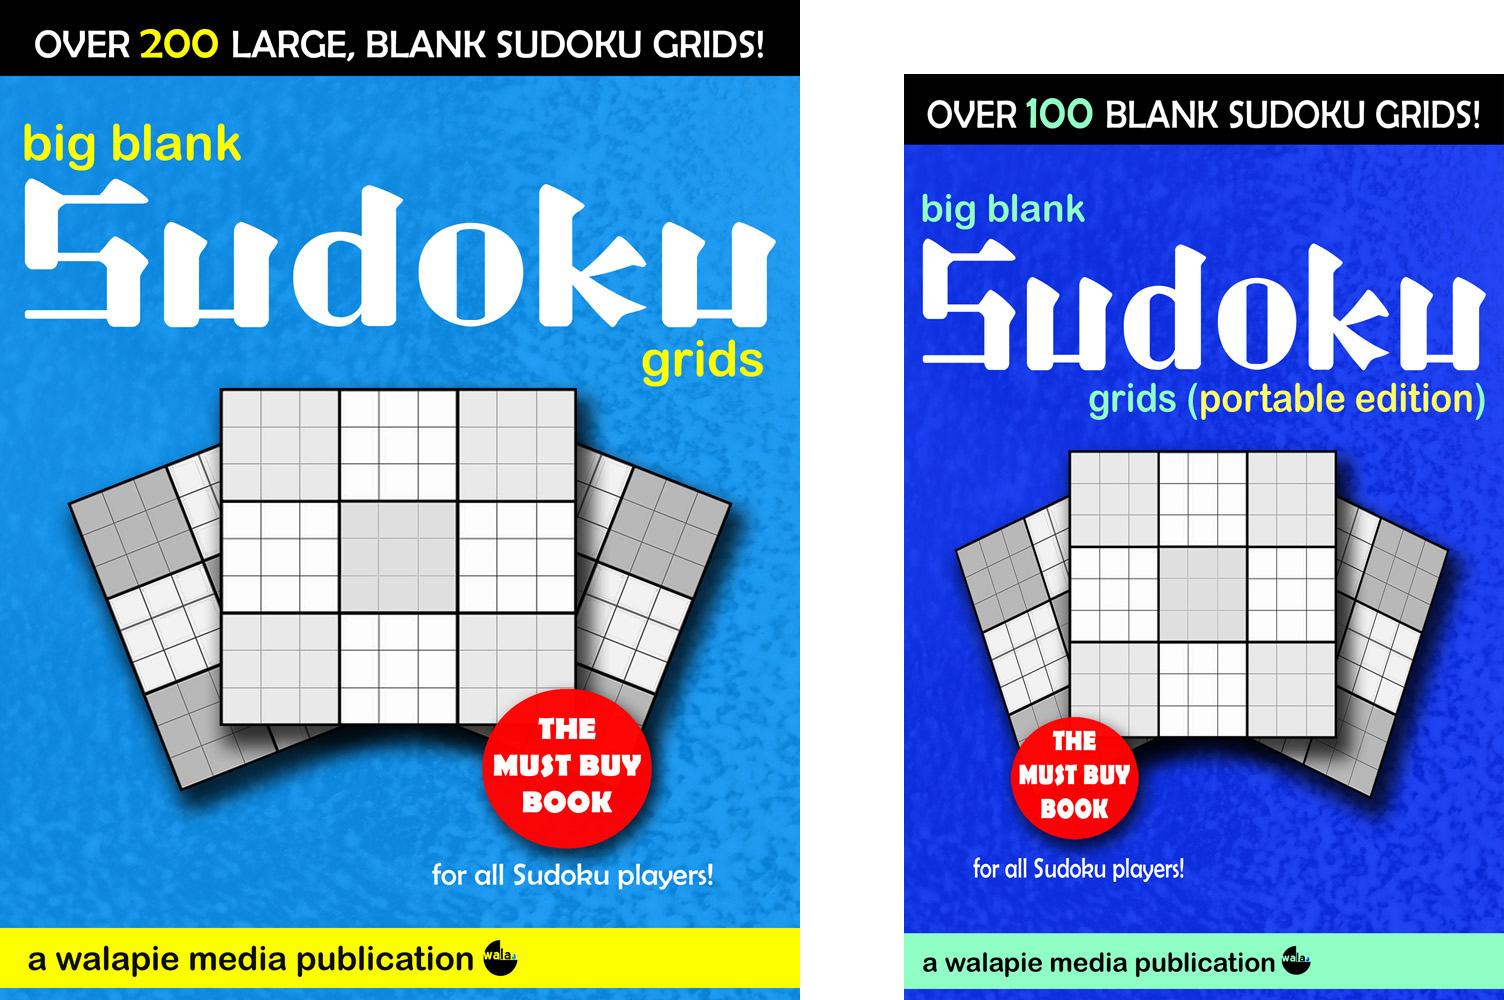 Free Sudoku Puzzles | Enjoy Daily Free Sudoku Puzzles From Walapie - Free Printable Sudoku Books